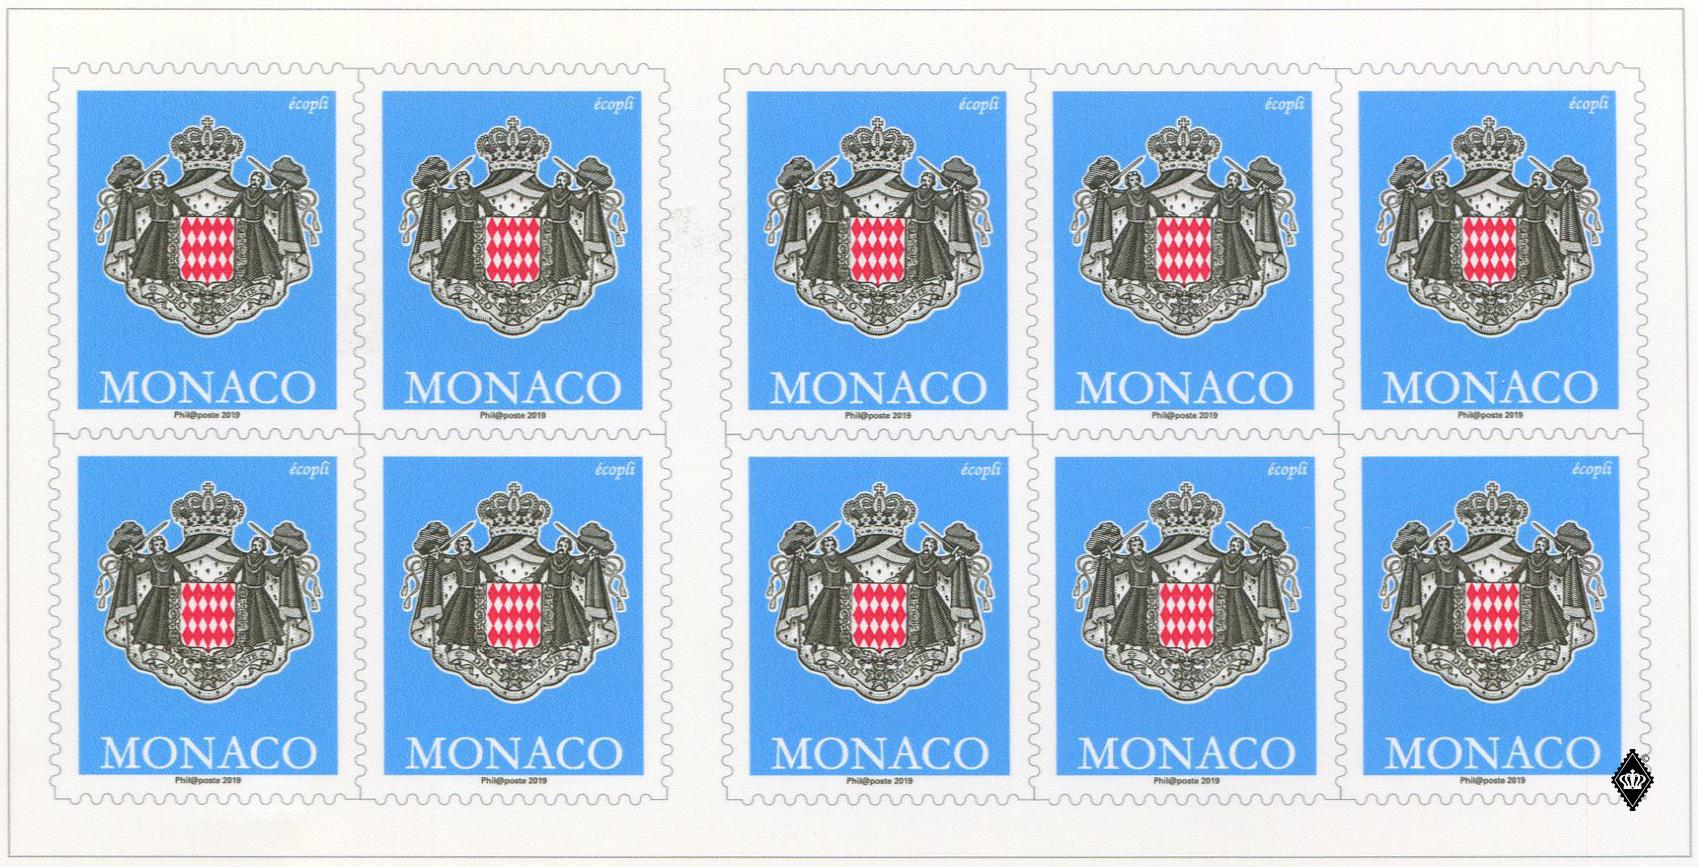 摩纳哥5月6日发行新版20G寄往摩纳哥和法国邮资不干胶邮票